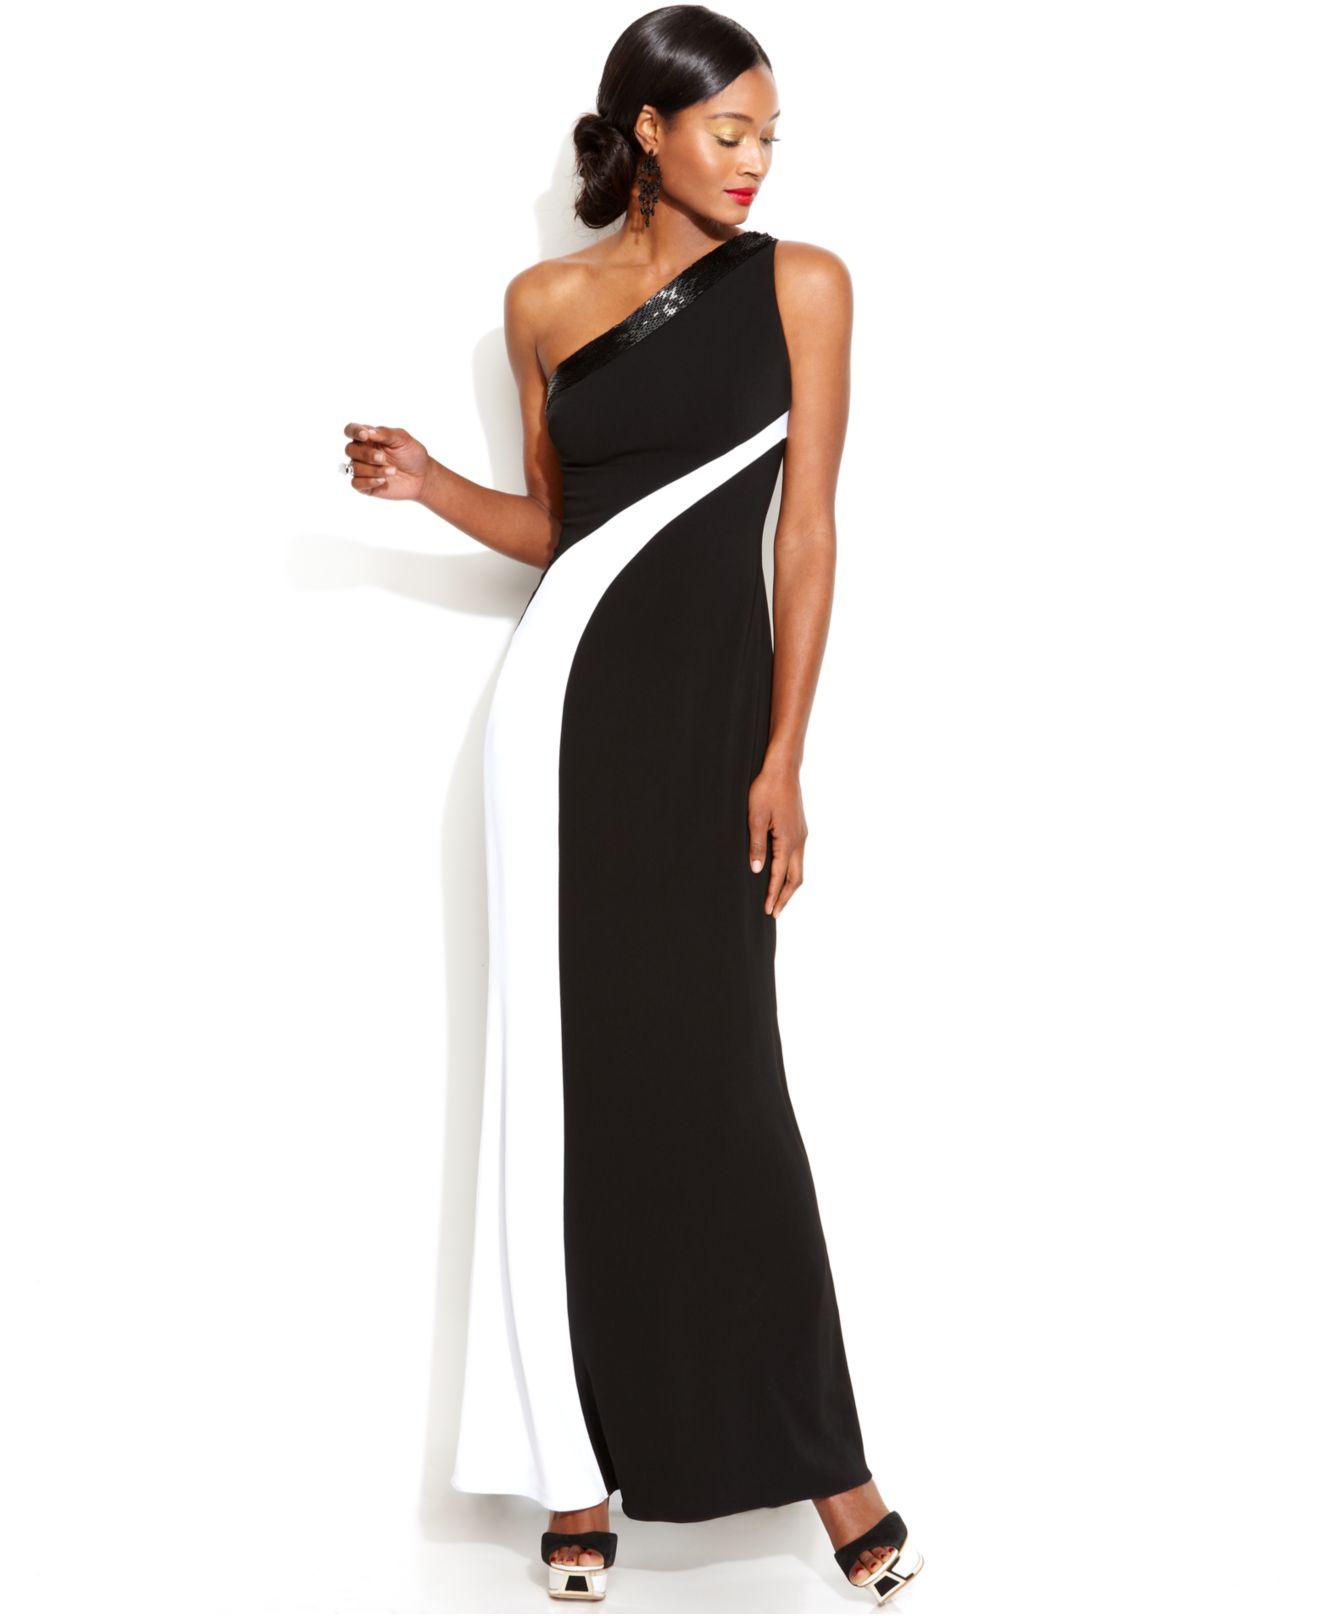 Js boutique black silver mesh keyhole dress